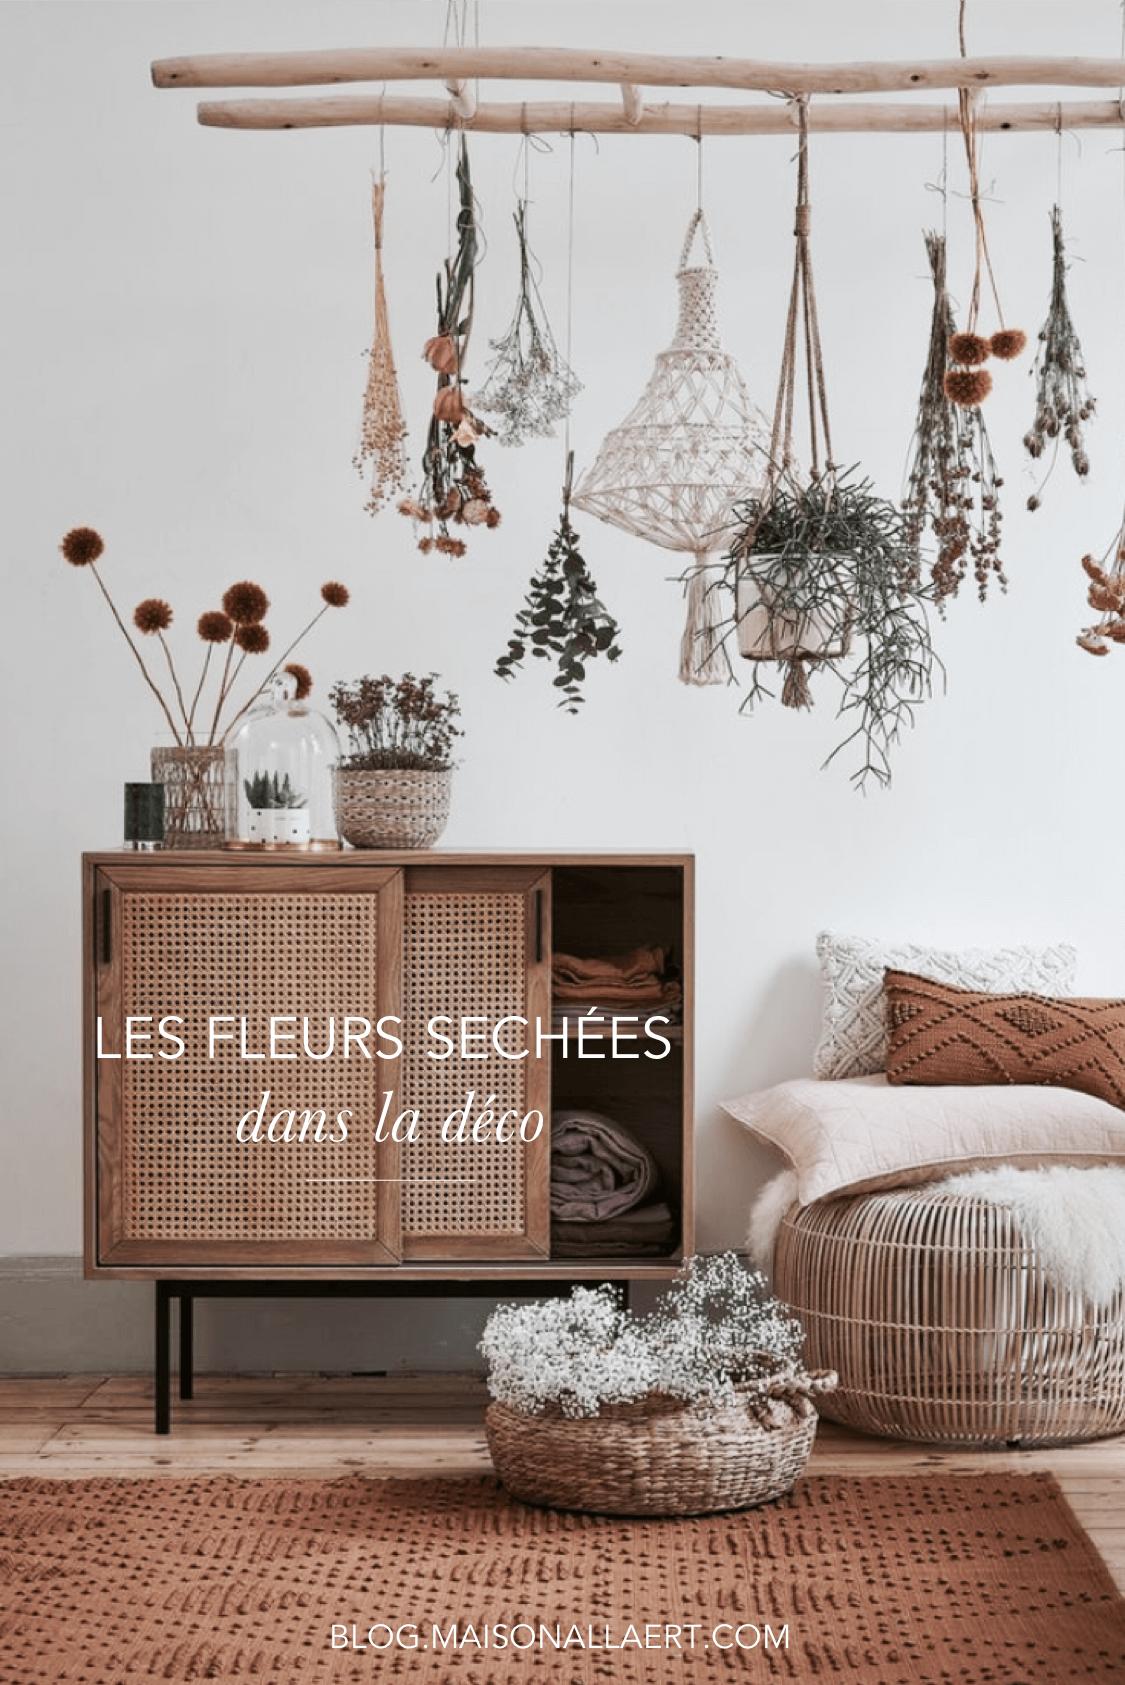 Comment utiliser les fleurs séchées en décoration